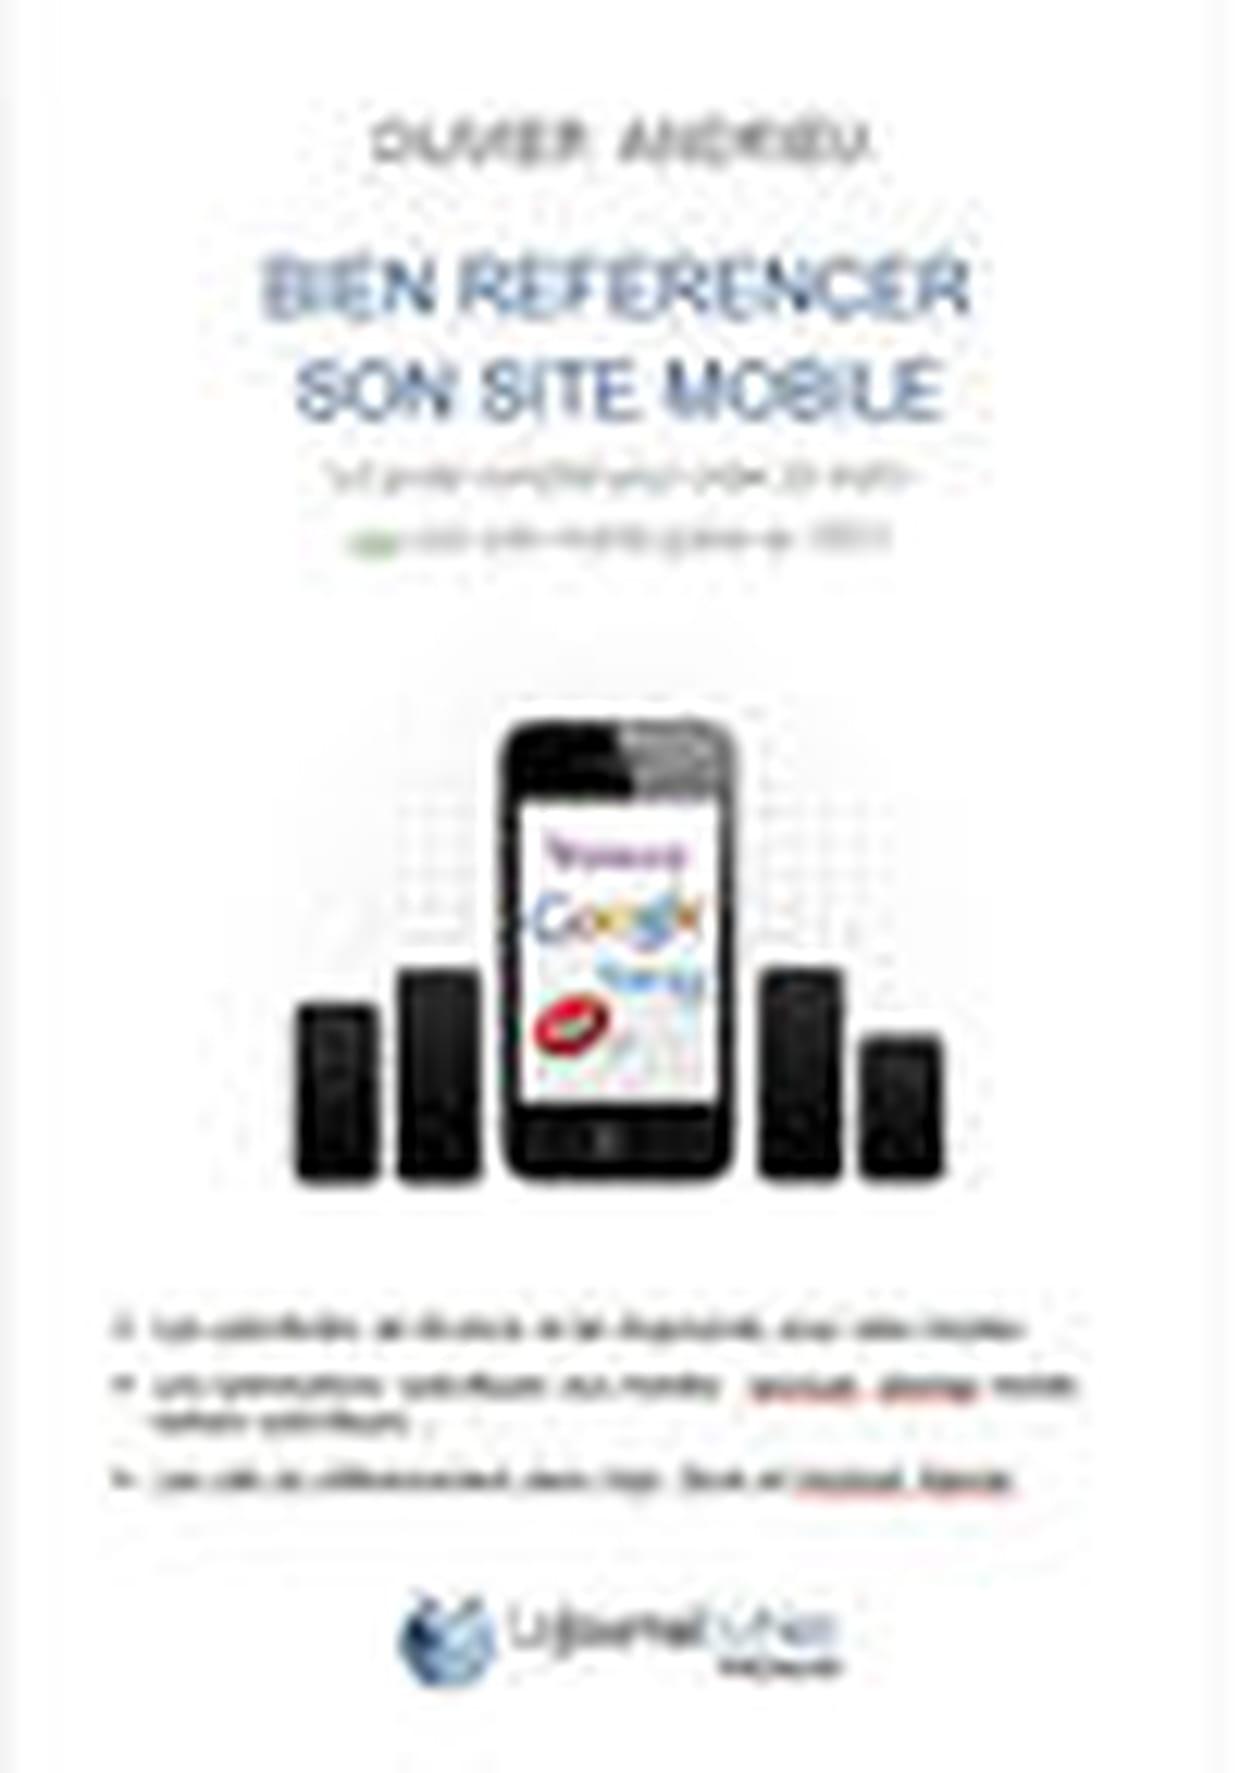 bf1e63b193f5 Comment optimiser le référencement d un site mobile